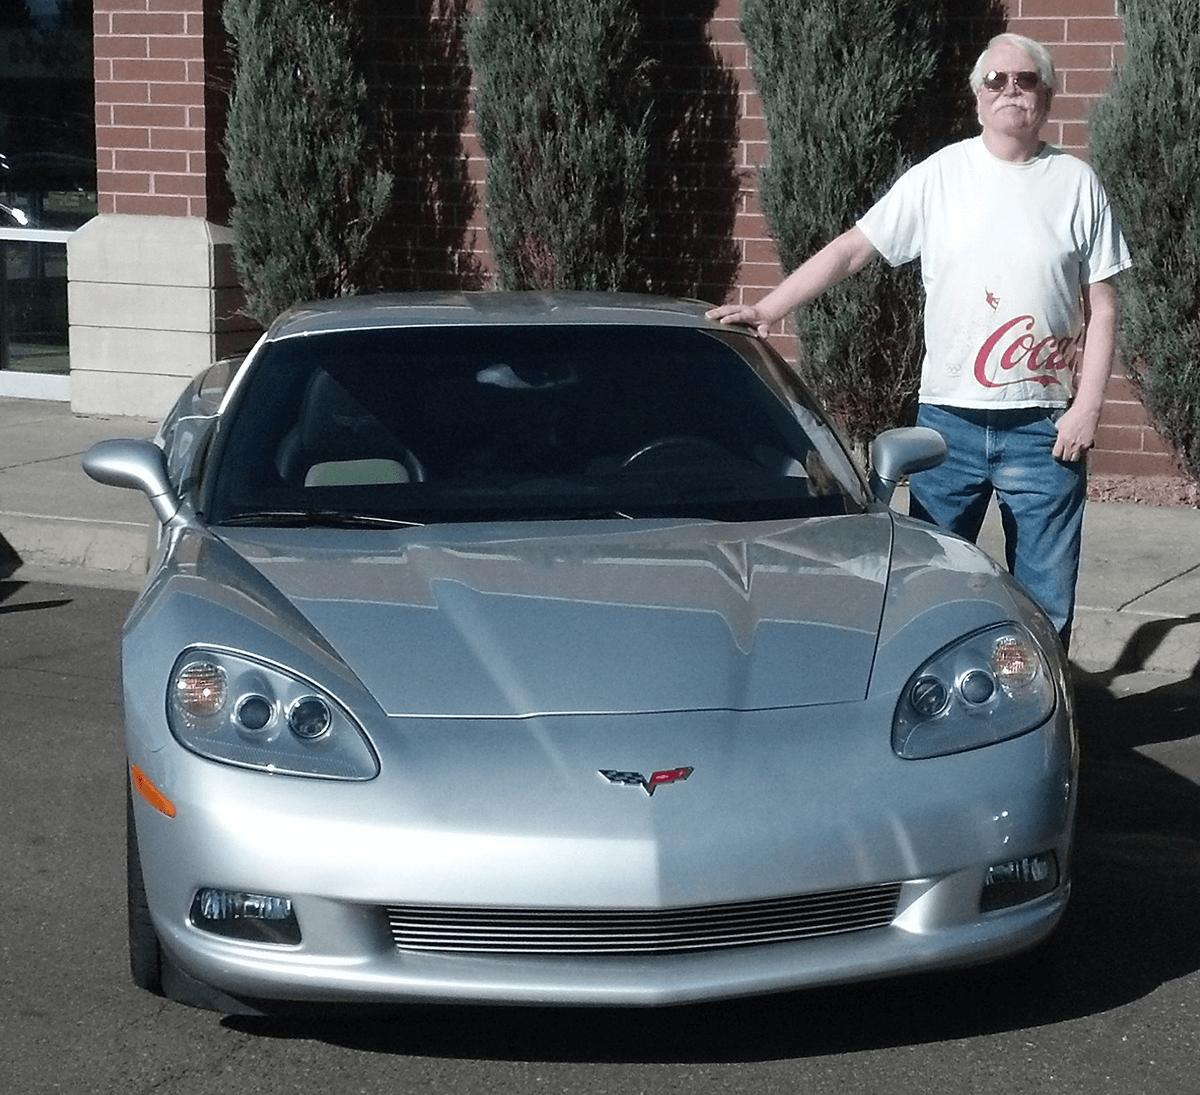 Dave R 2009 Corvette